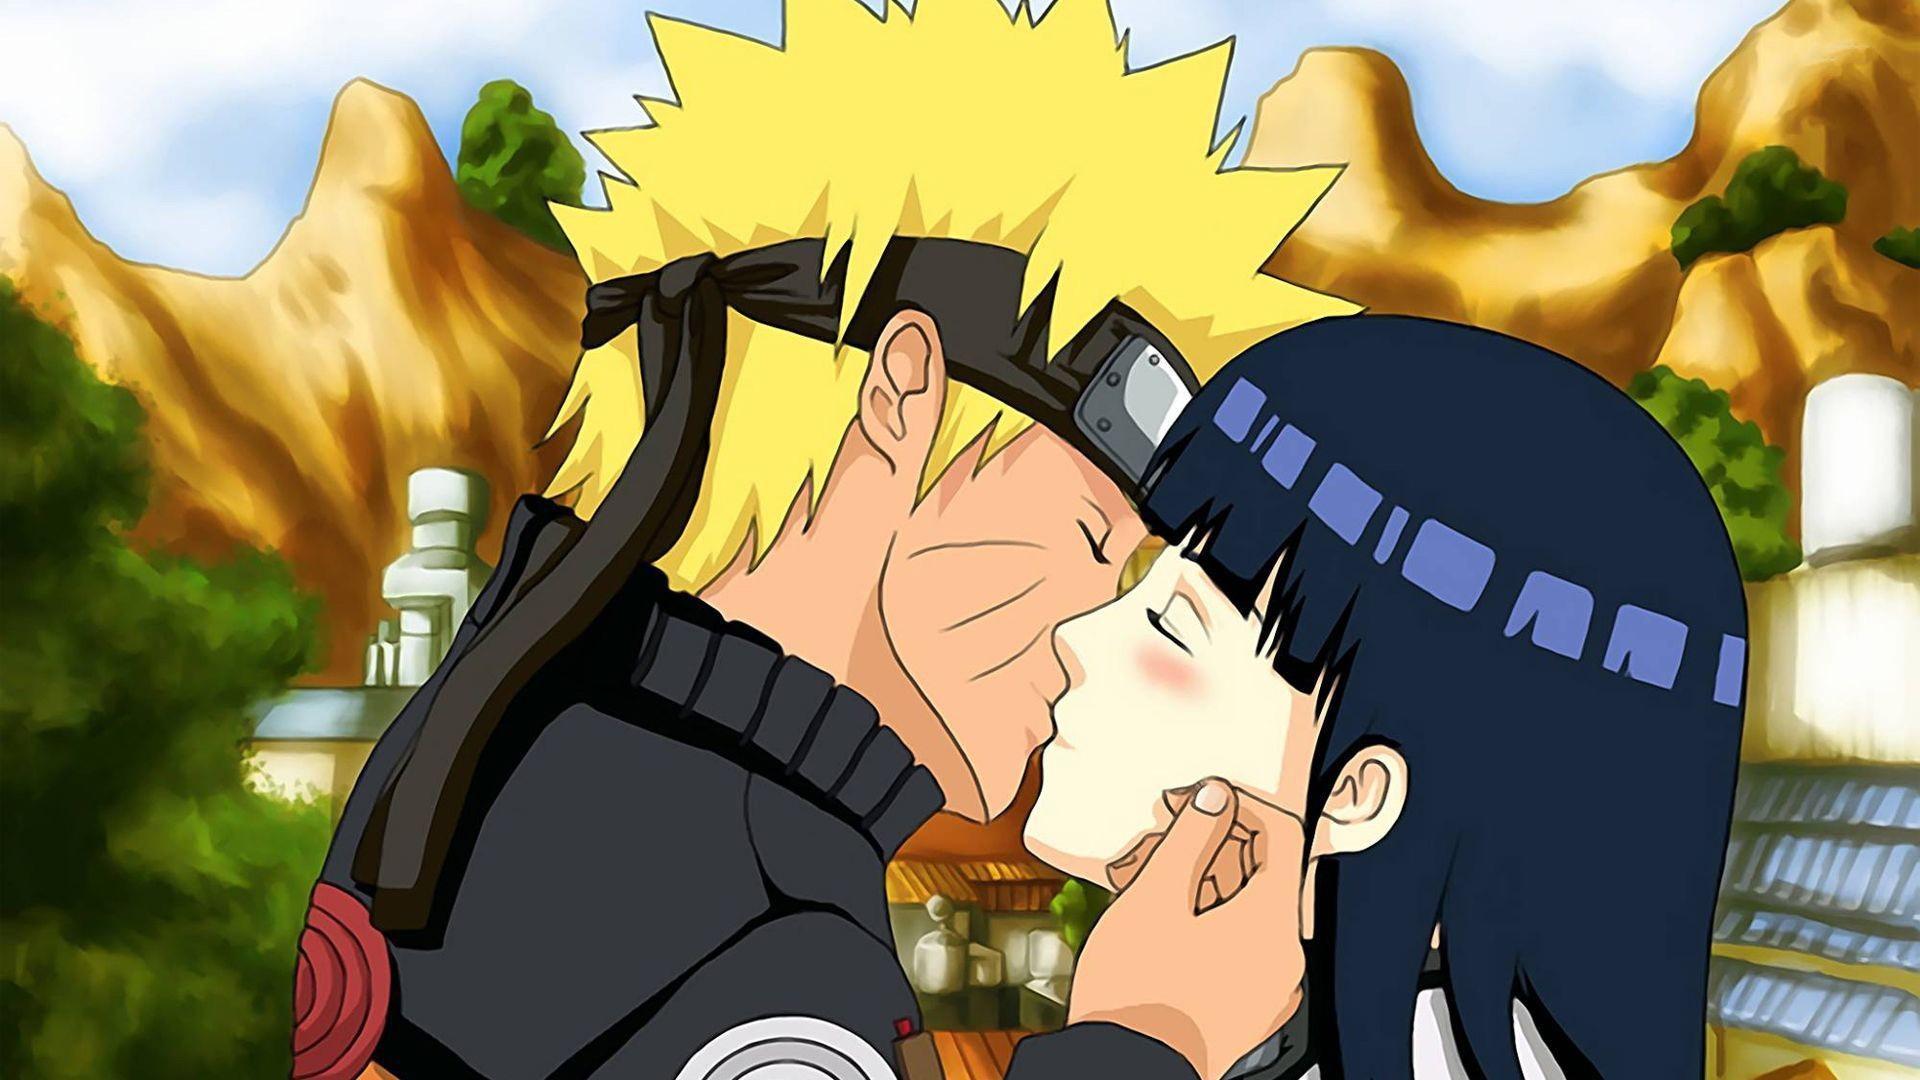 火影忍者和雏田接吻-动漫人物壁纸图片